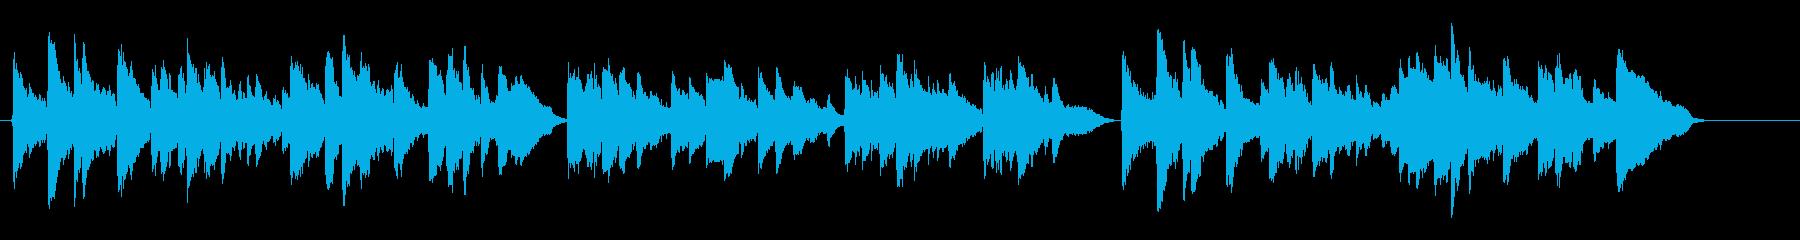 表彰状のクラシック音楽をヴァイオリンでの再生済みの波形